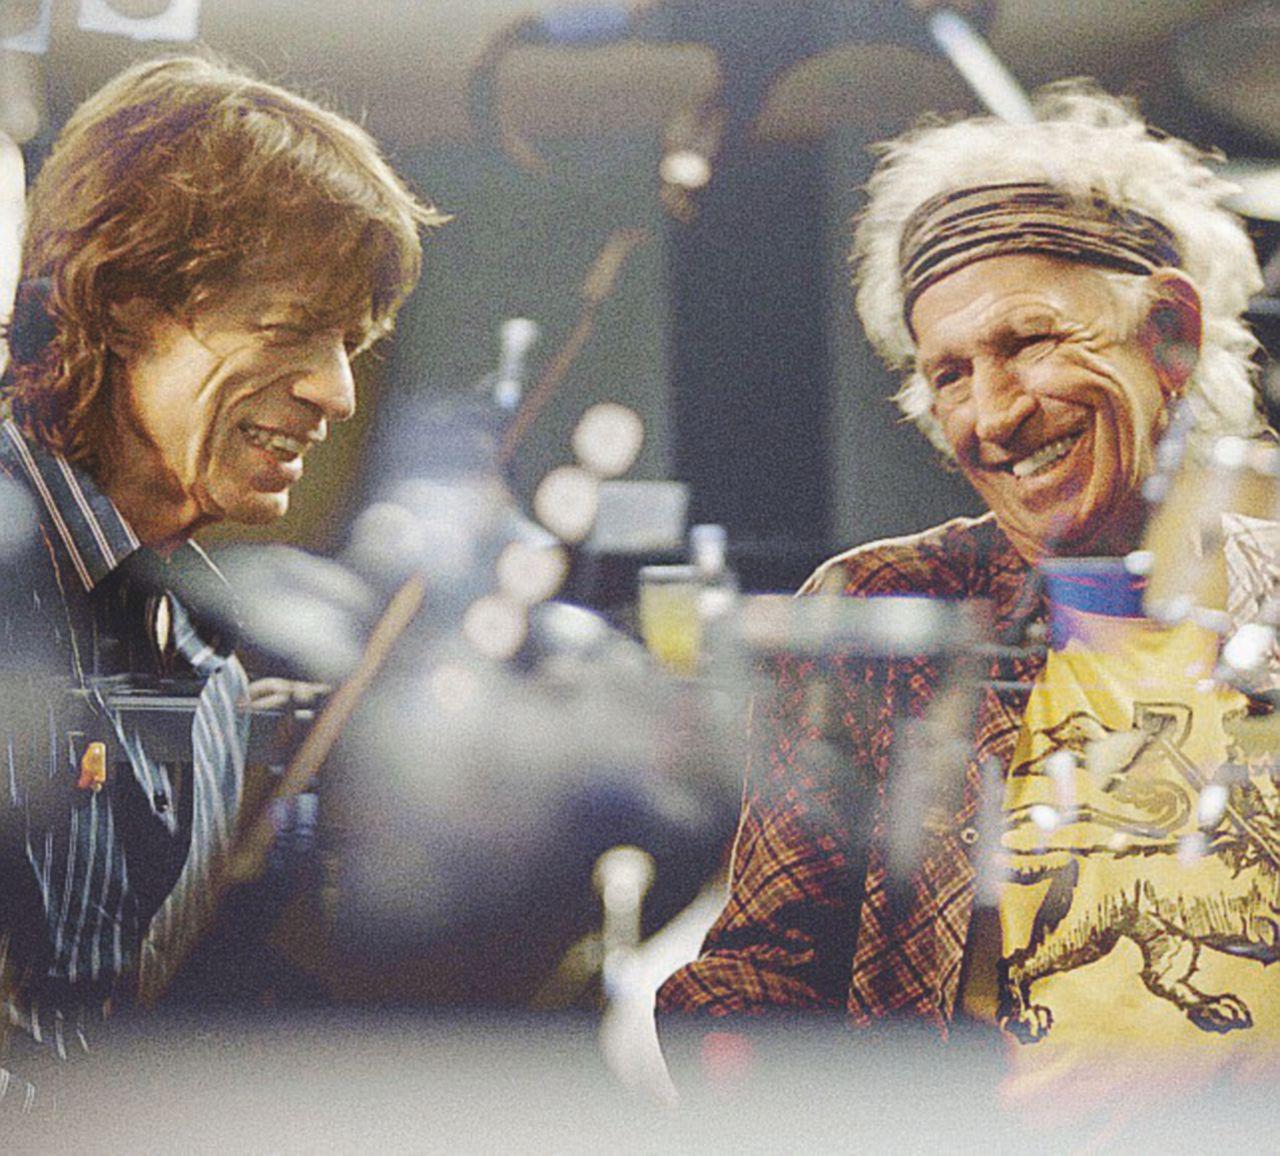 Rolling Stones, ritorno alle origini. Come essere spontanei a 70 anni